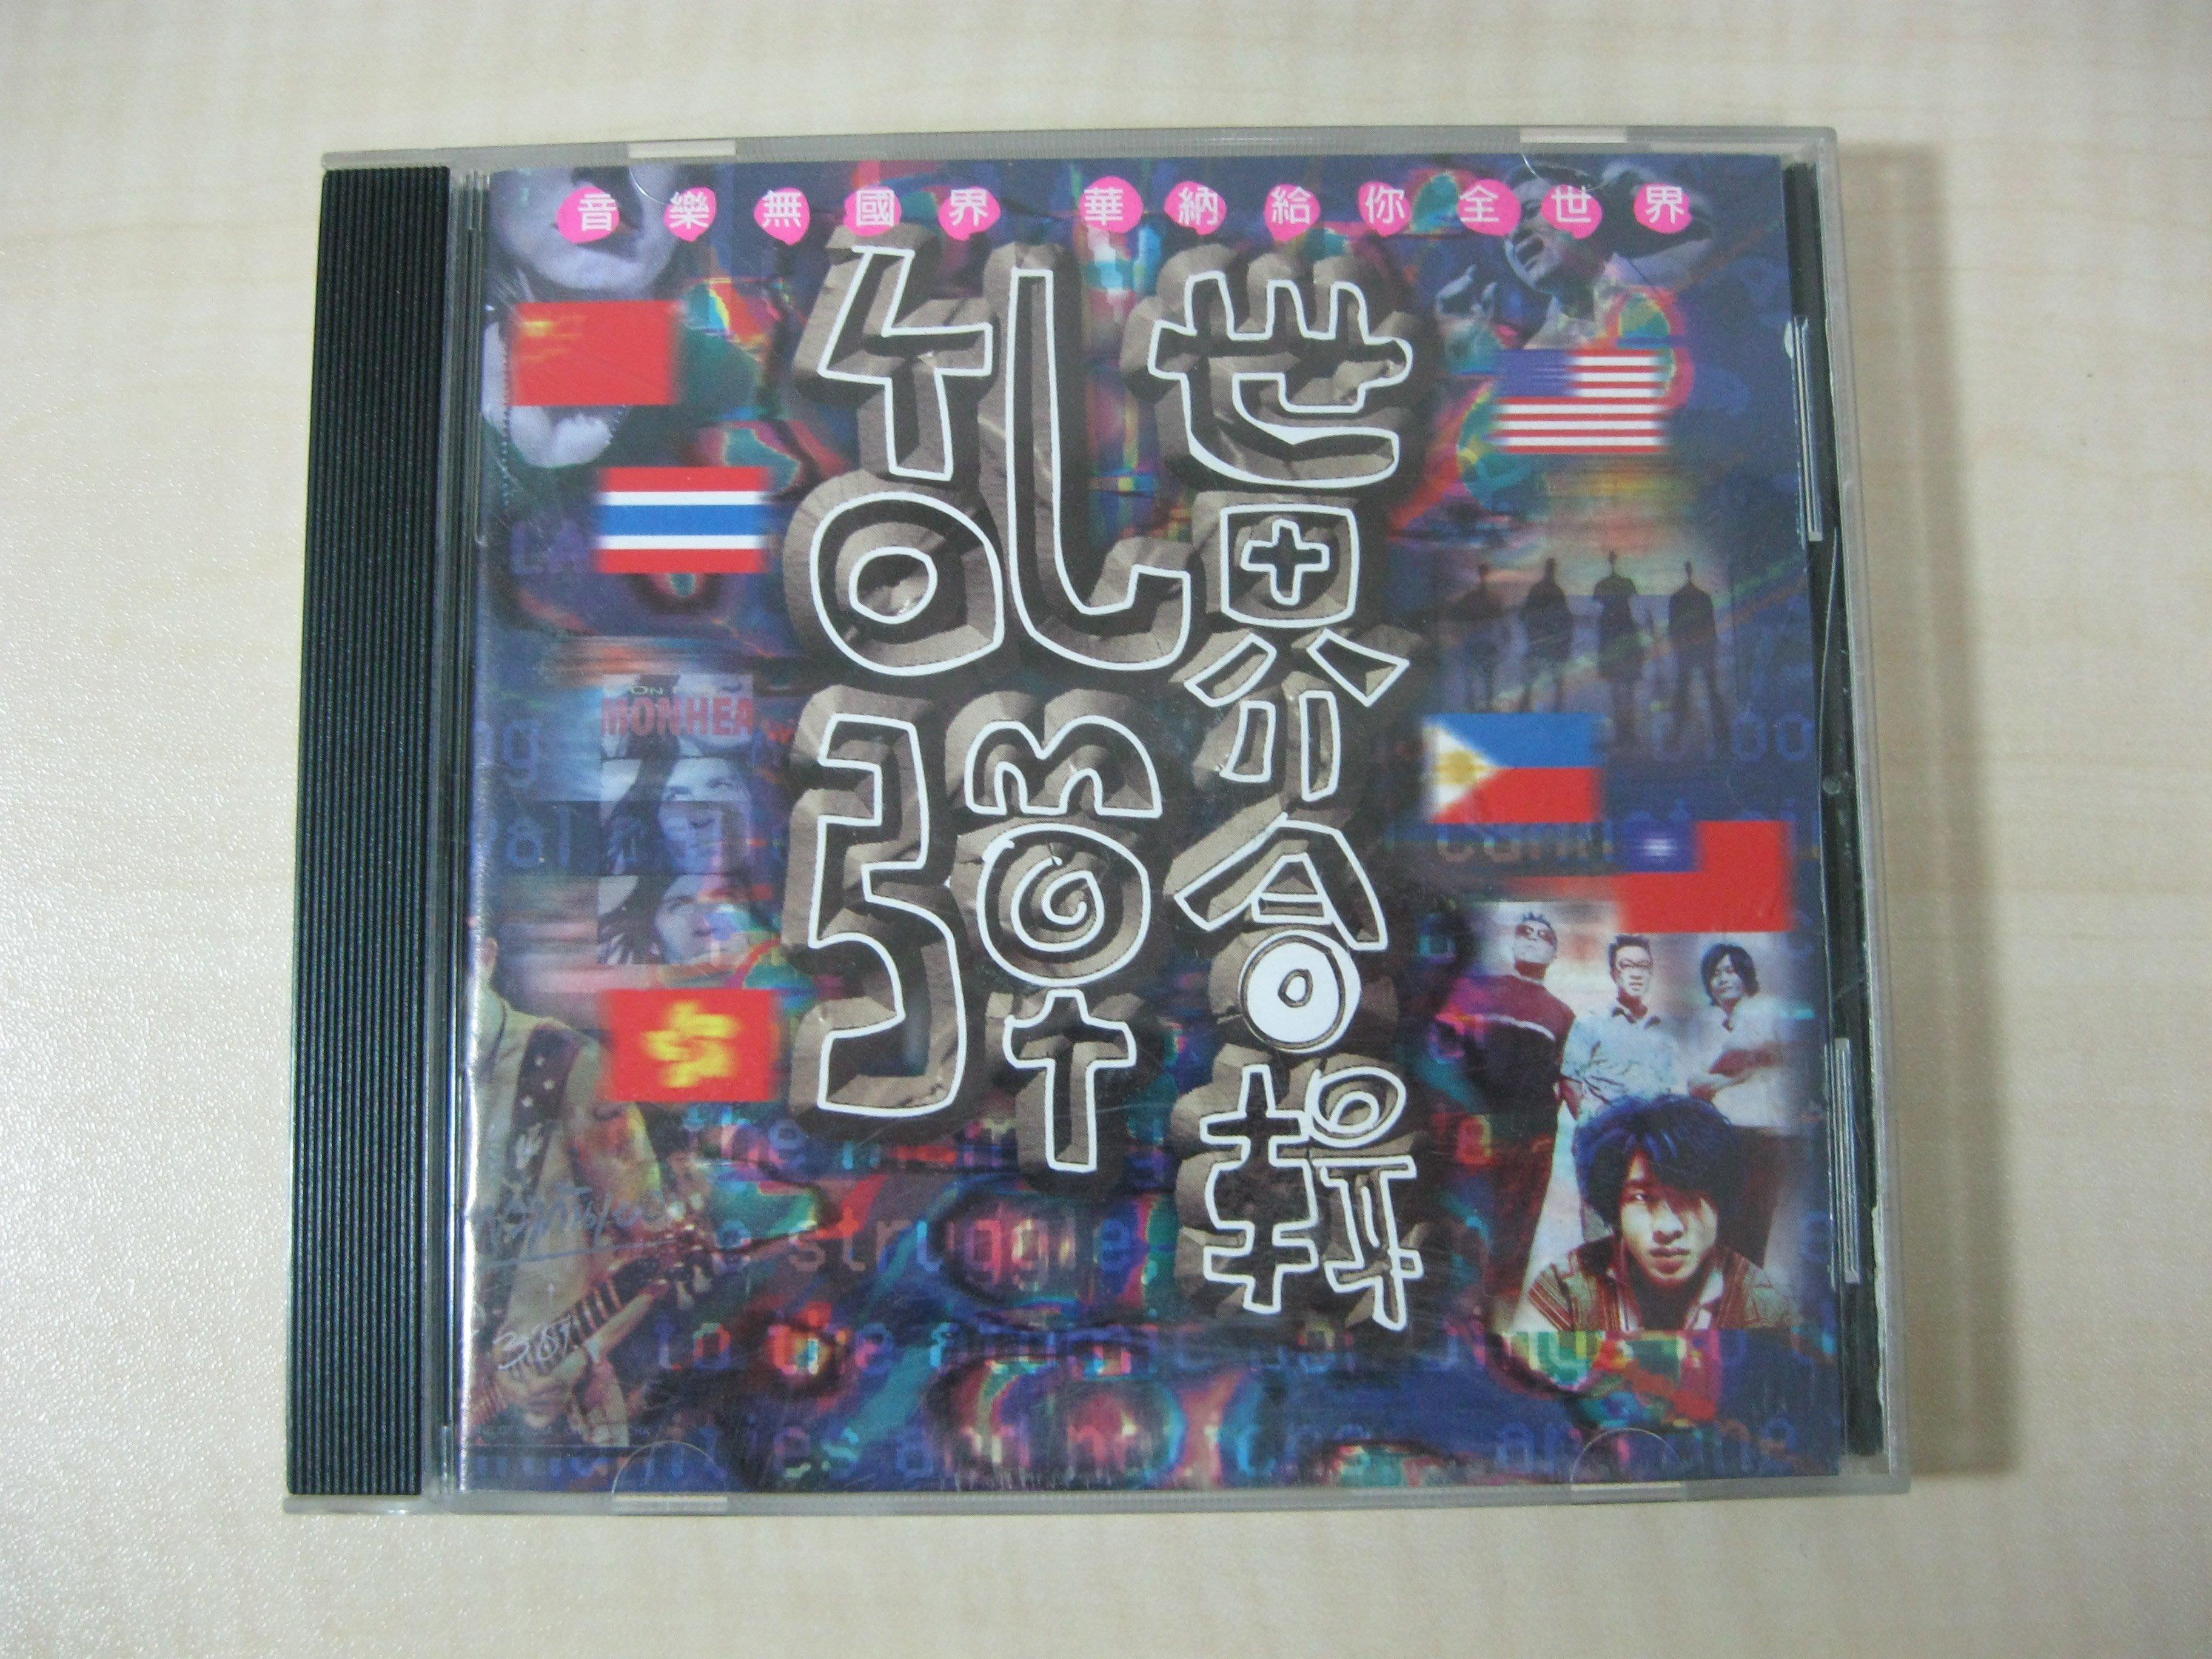 亂彈.BEYOND.蔡藍欽.朱哲琴.蔡振南等/亂彈-世界合輯/飛碟唱片1997年